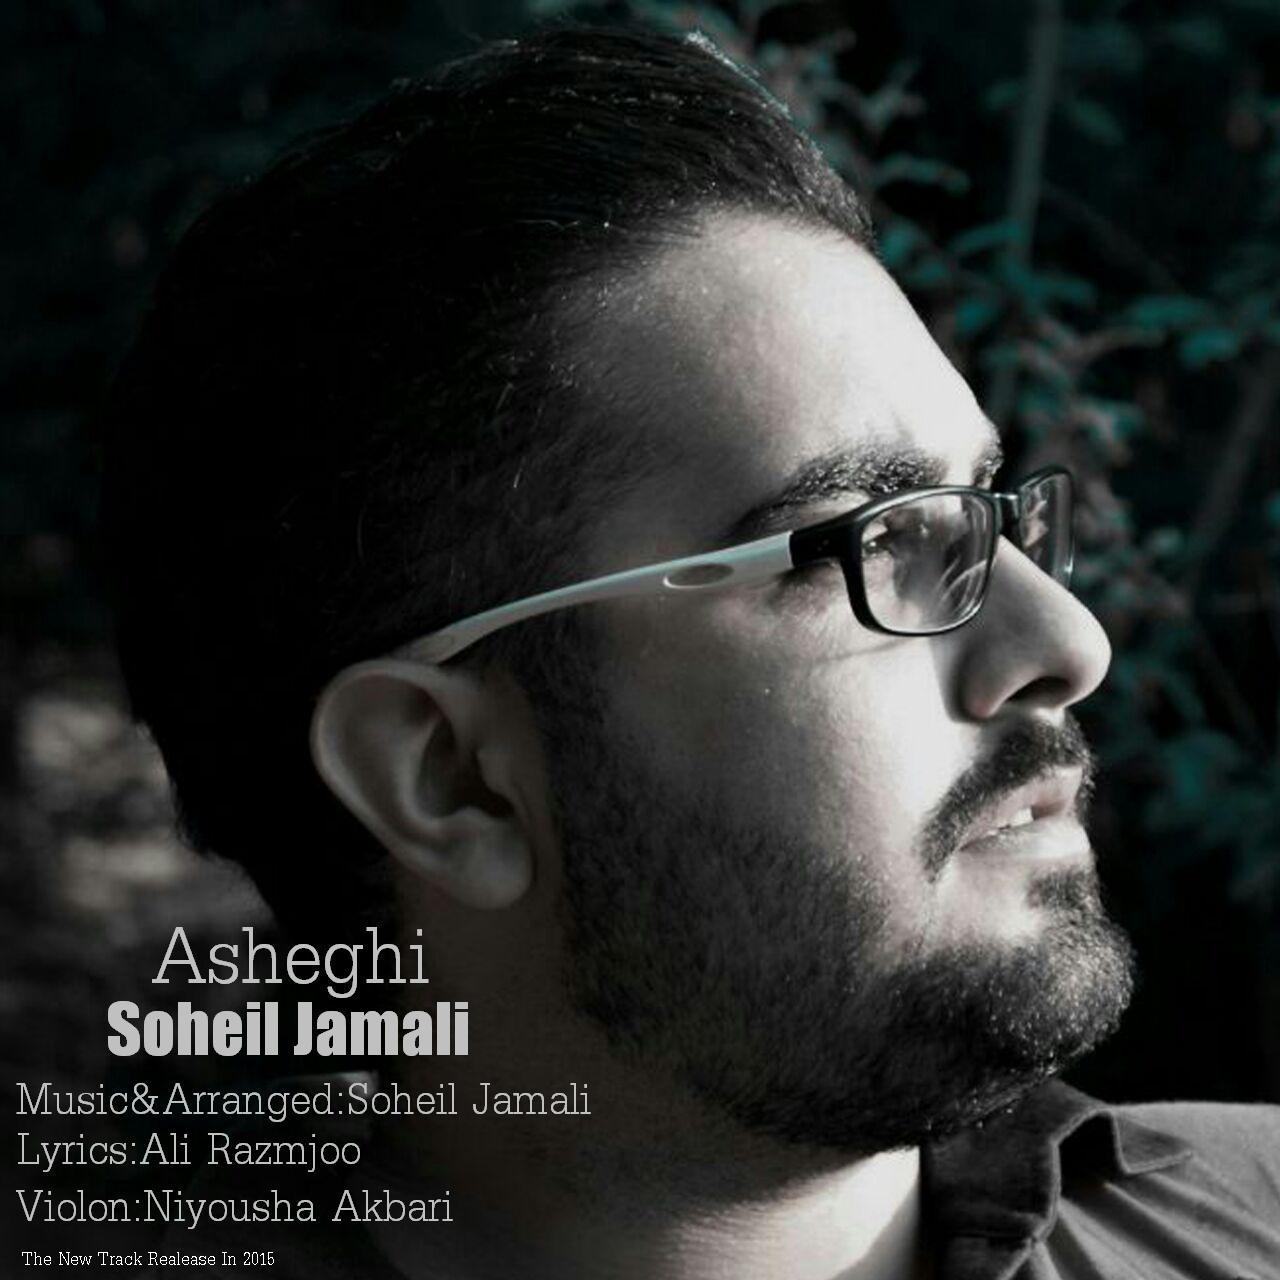 دانلود آهنگ جدید سهیل جمالی به نام عاشقی